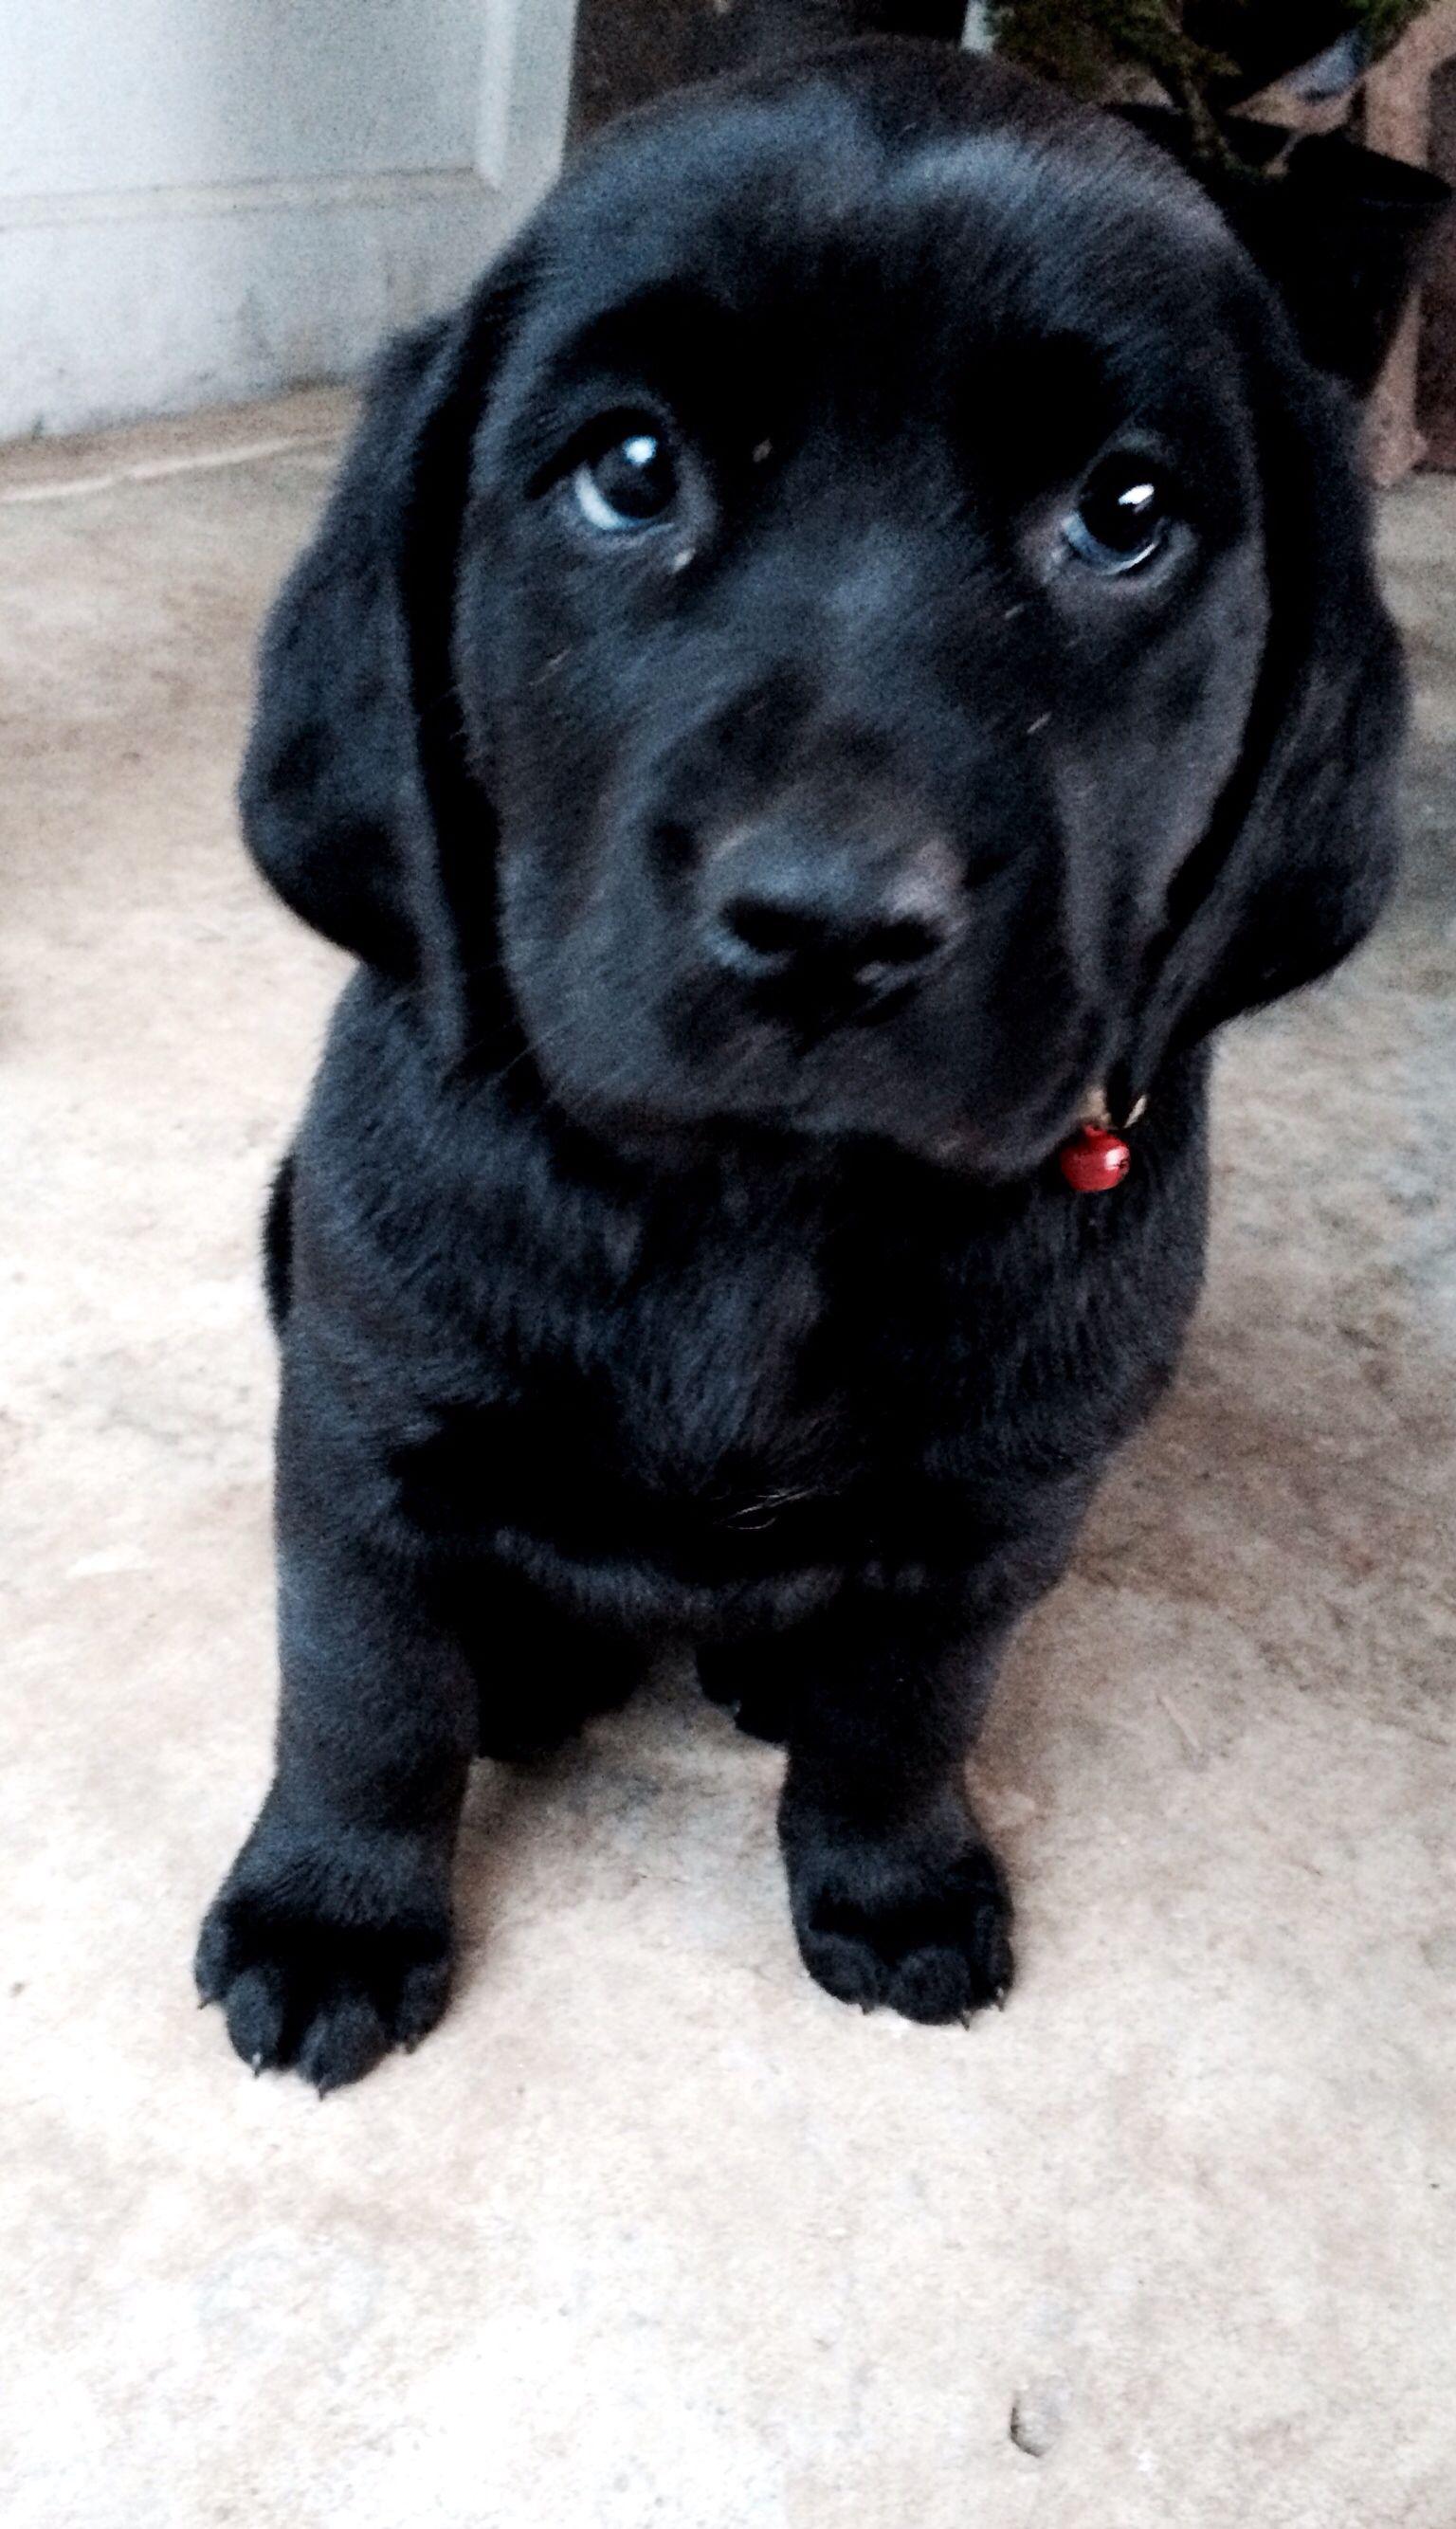 Labloodhound Labrador retriever bloodhound mix Puppy Puppies